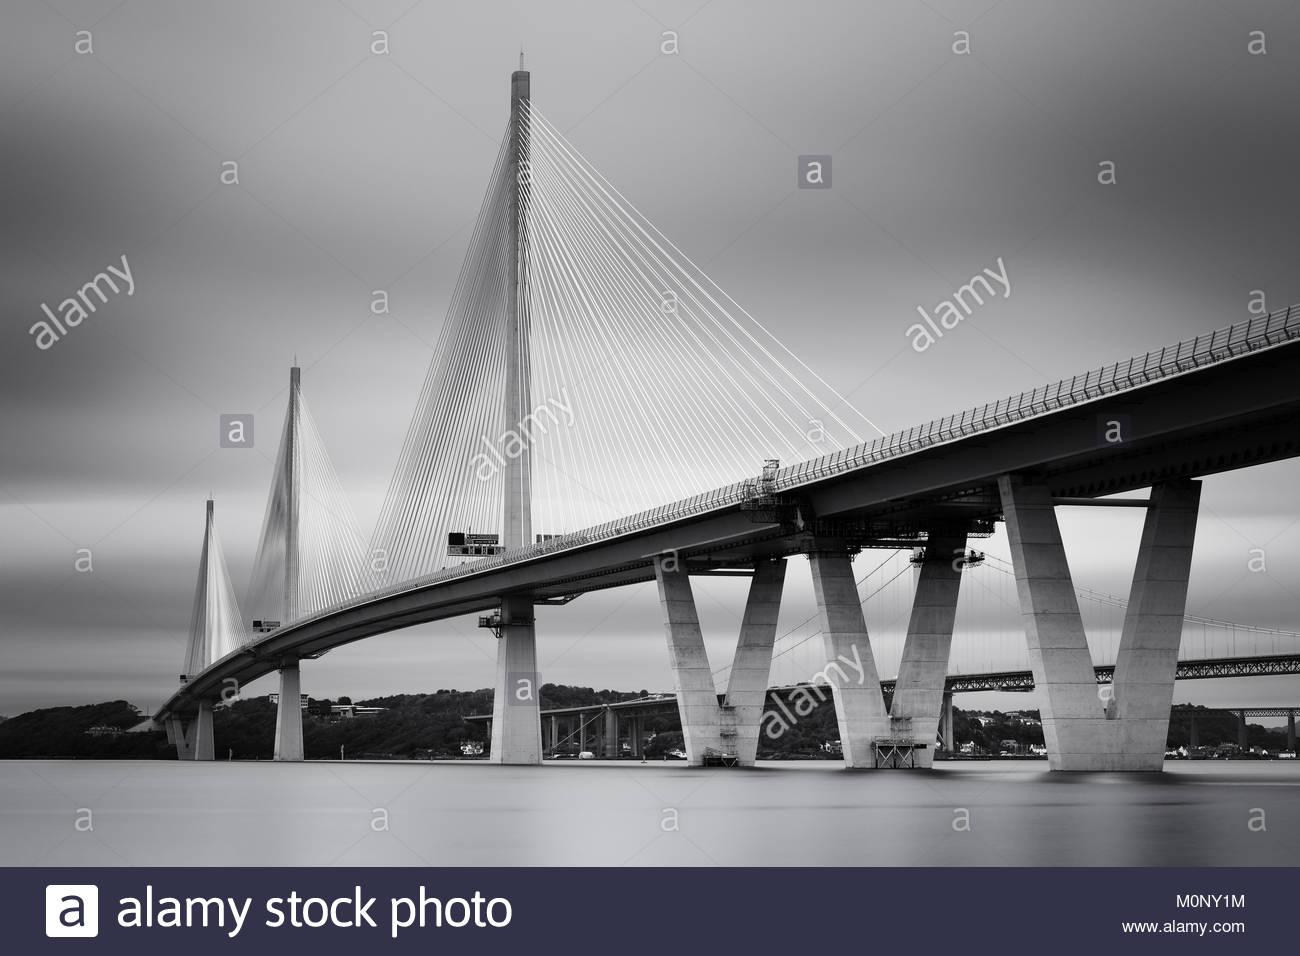 Una larga exposición en blanco y negro de la nueva Queensferry cruzando el puente sobre el Firth of Forth Estuary, Foto de stock